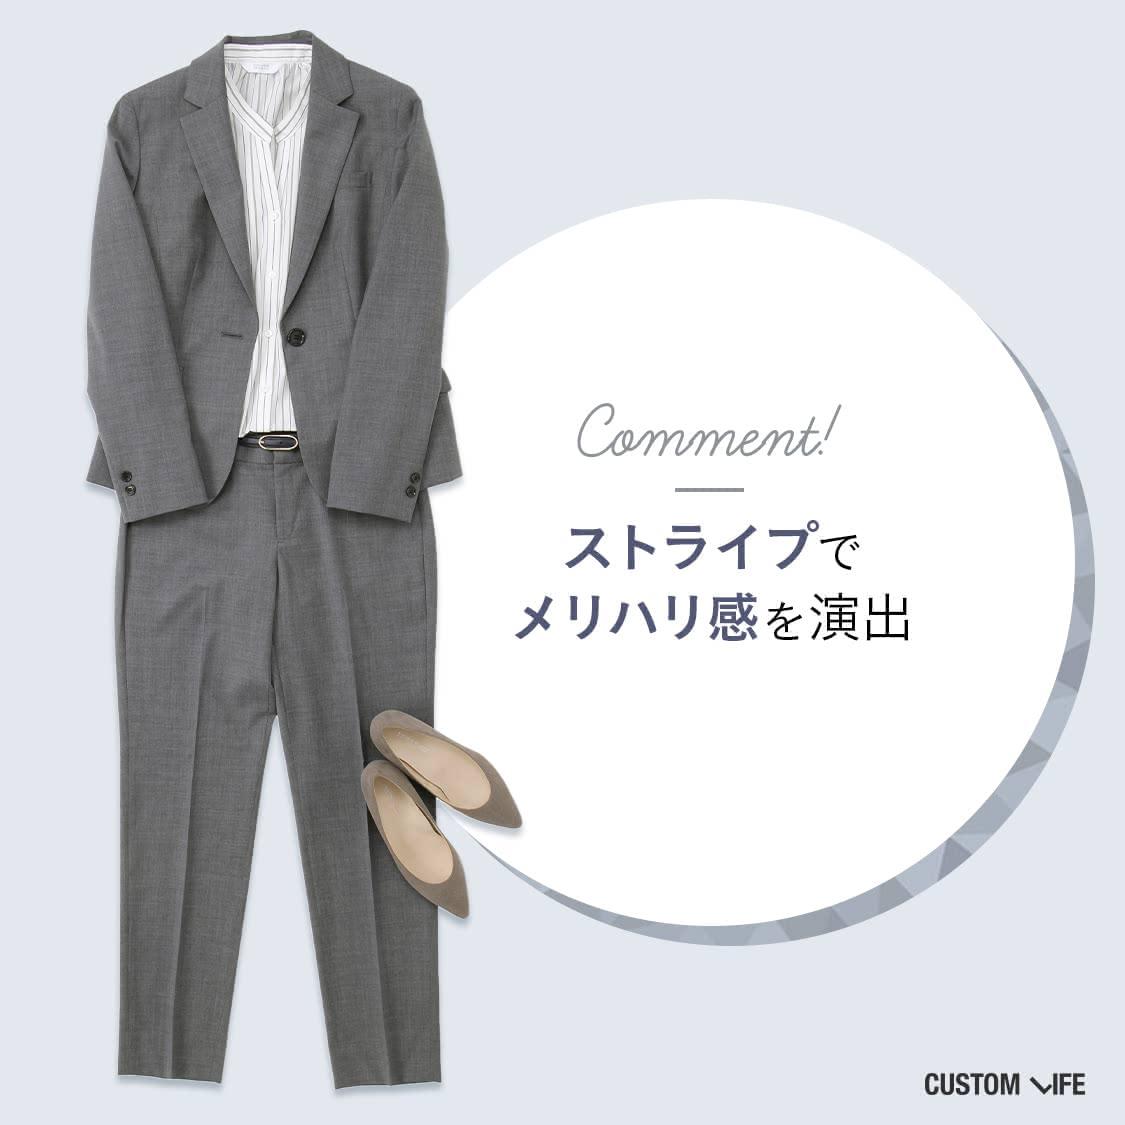 スーツ、コーデ、レディース